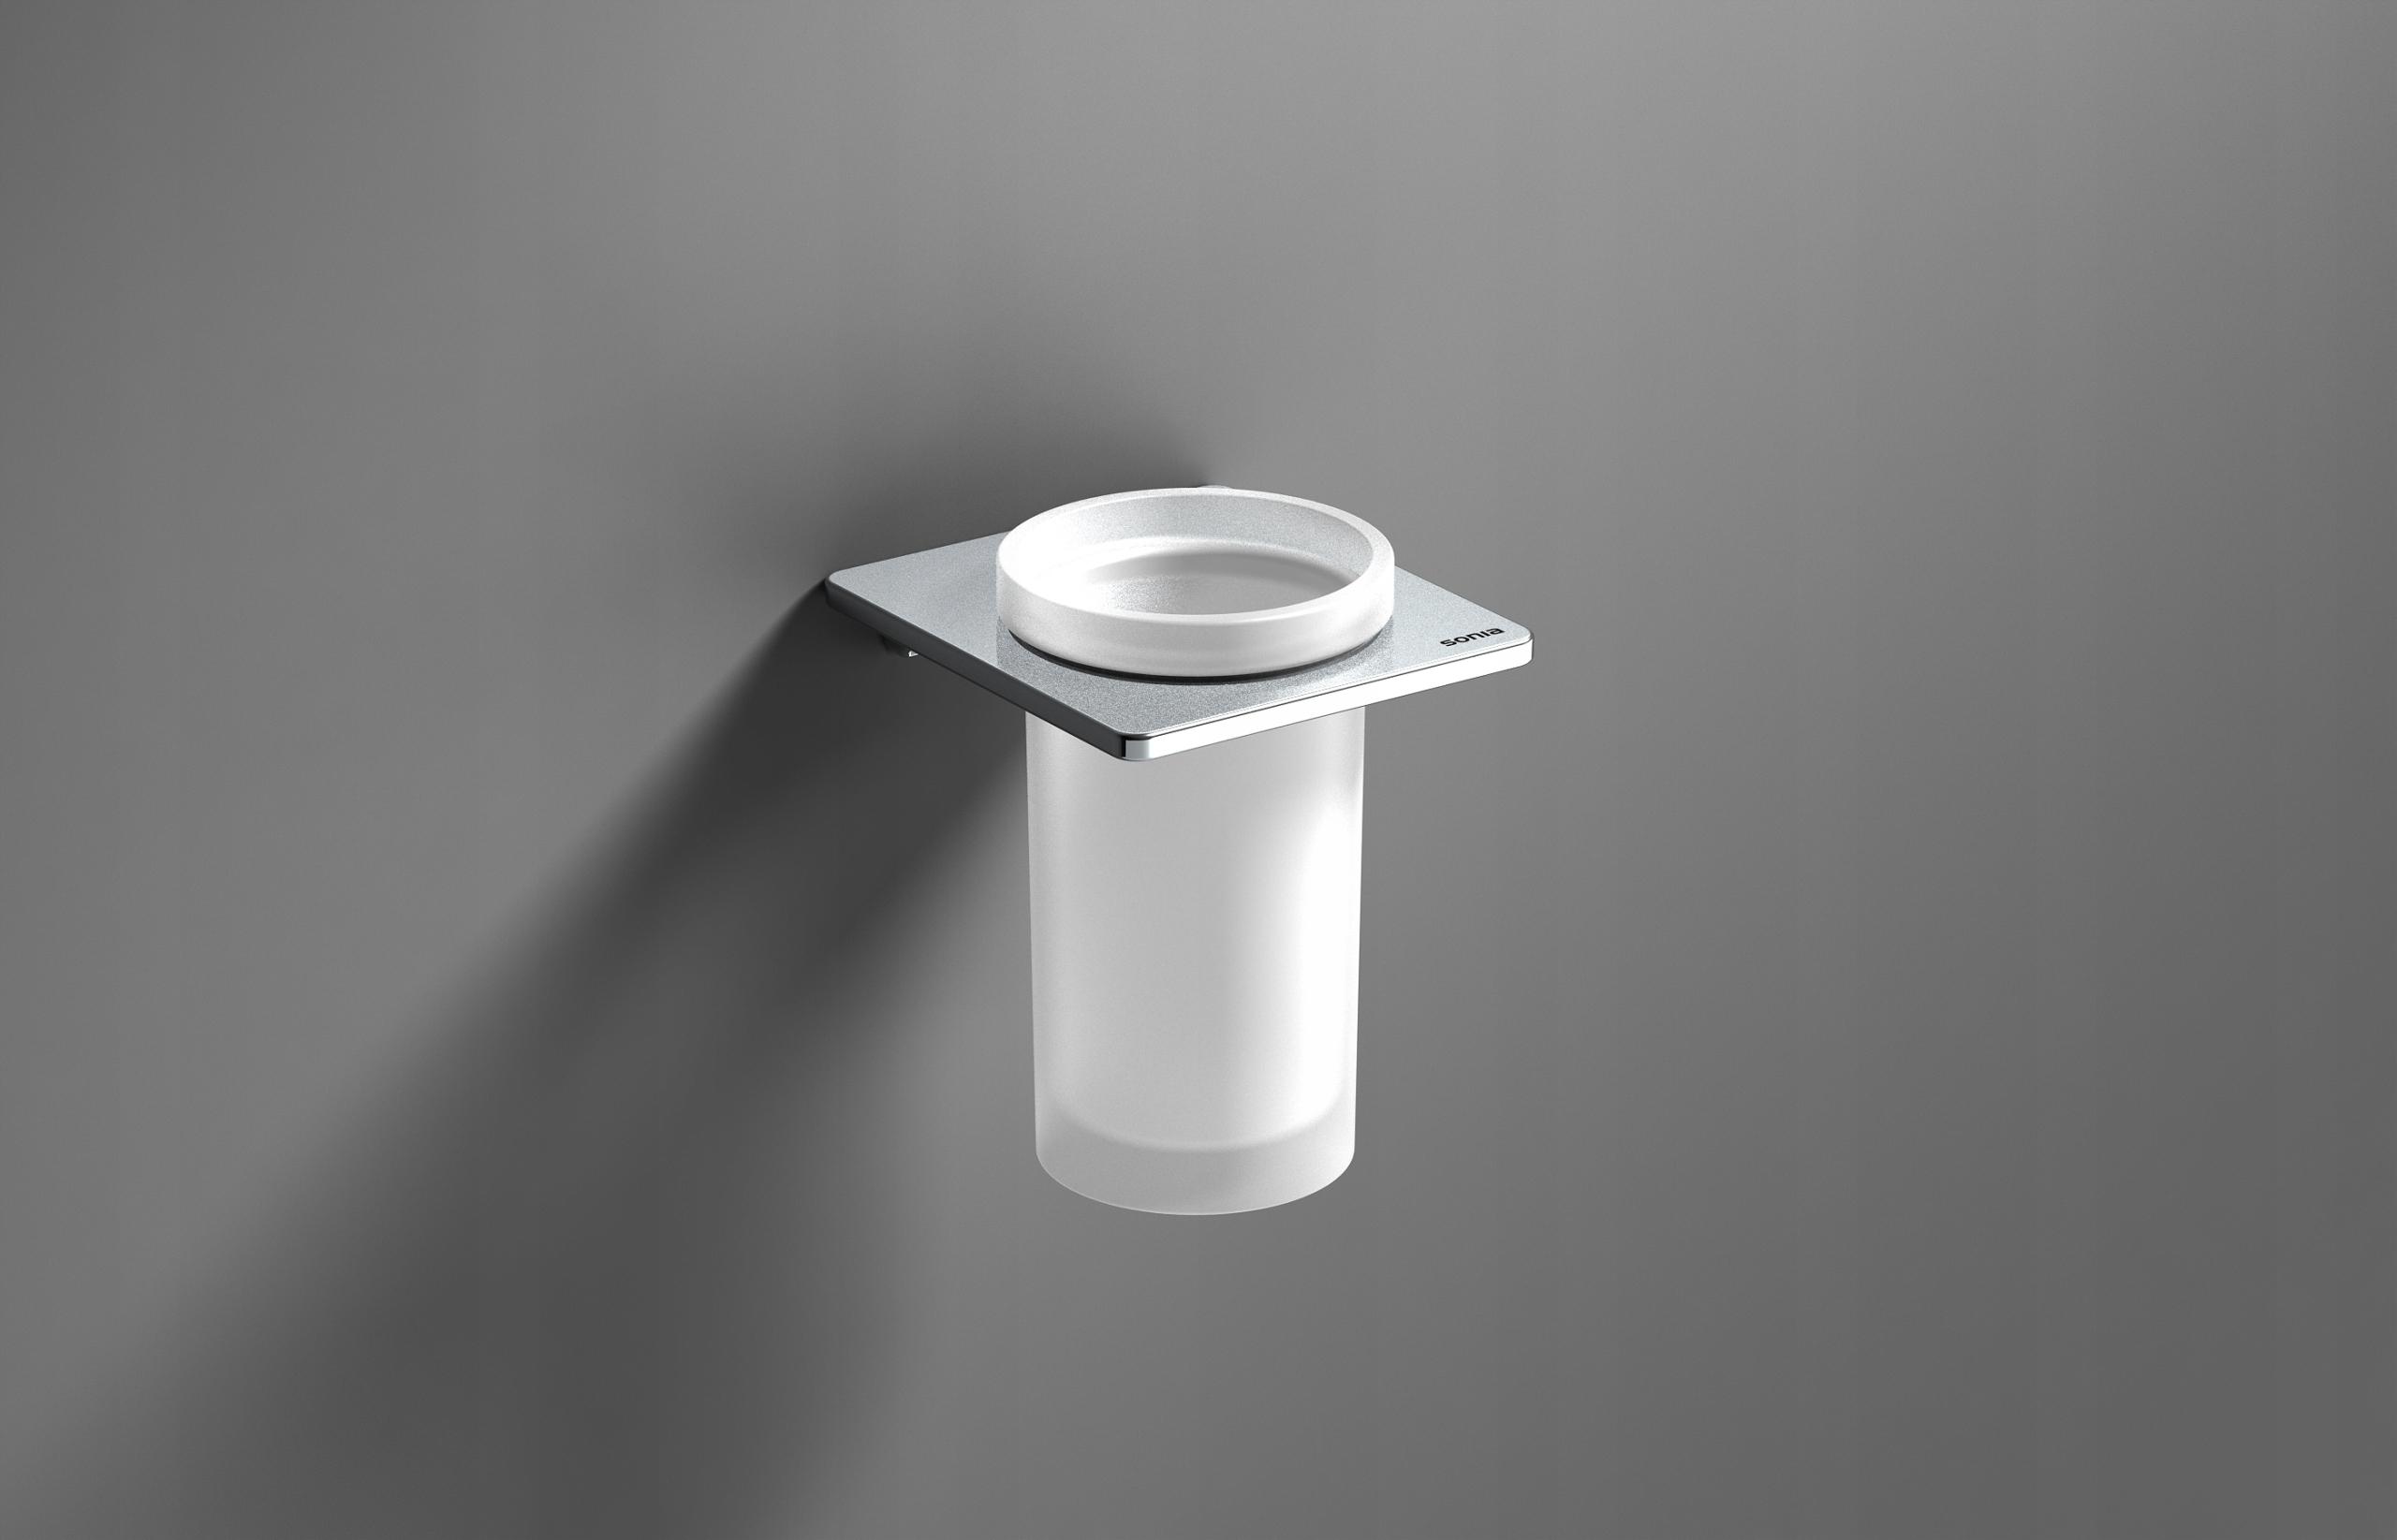 Kúpeľňový pohár LODZ + úchytka SONIA S-Cube, chróm